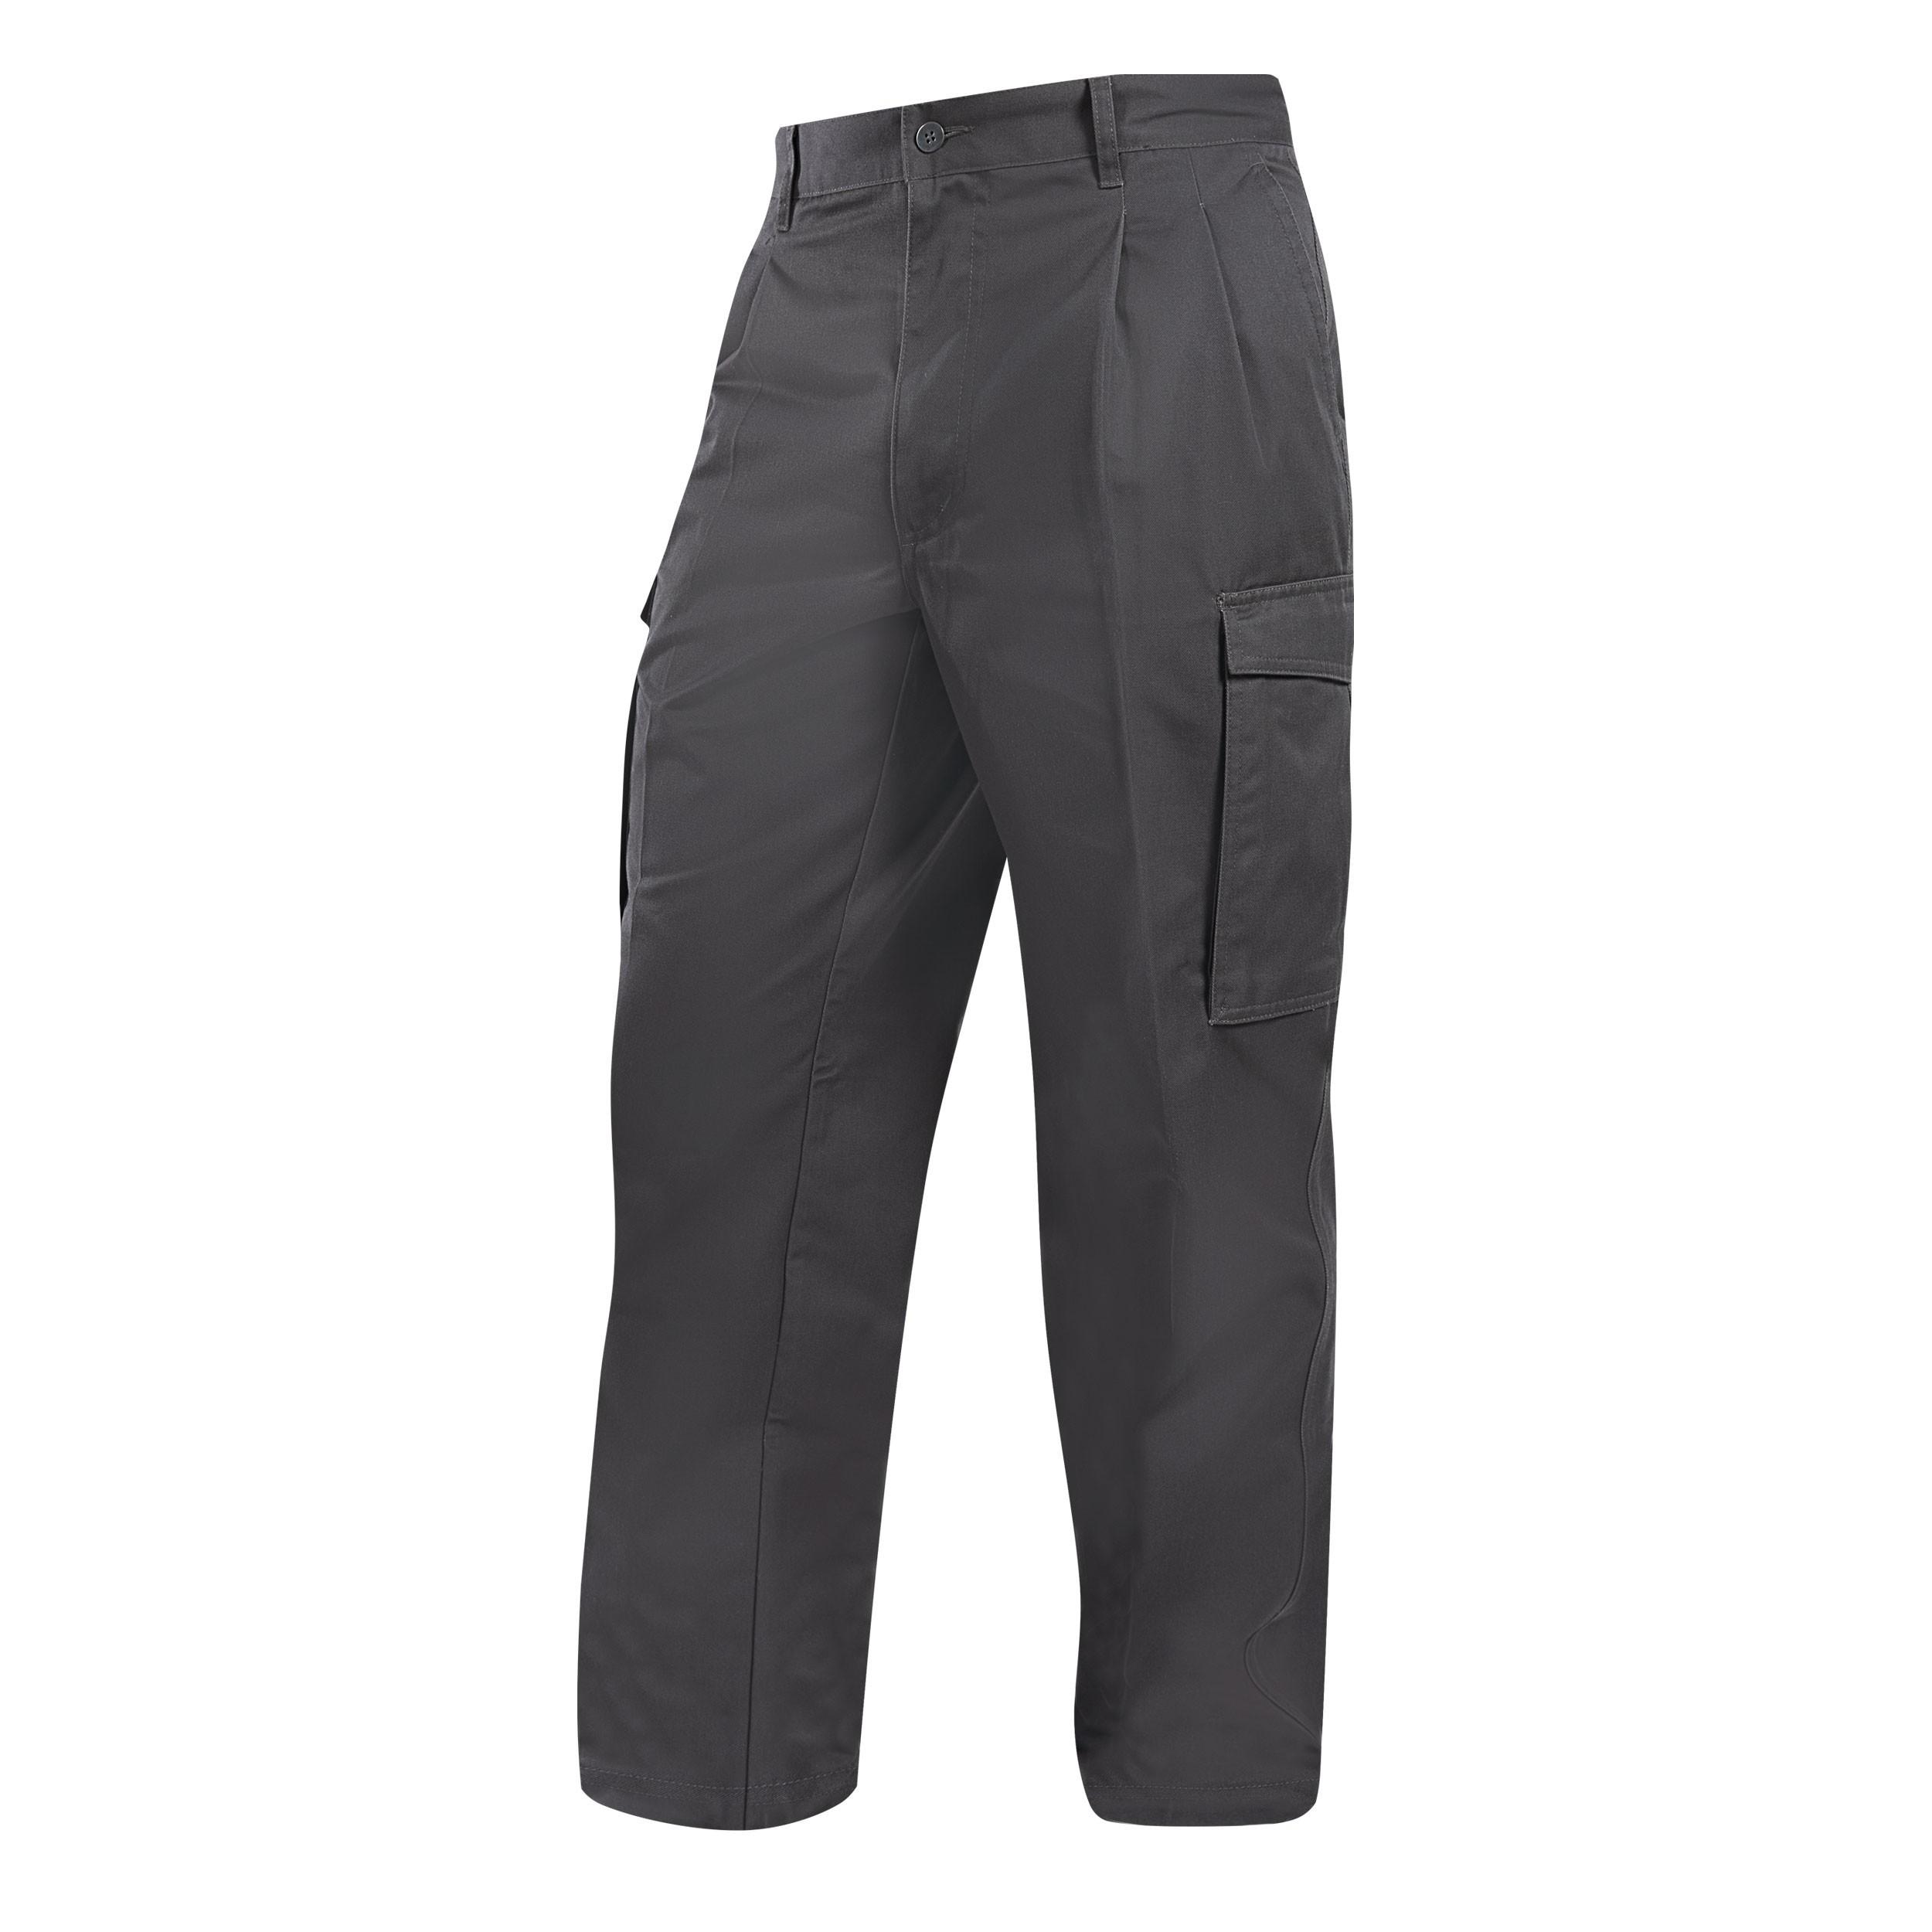 Pantalon Cargo Gabardina Forro Polar Hombre Portal Ropa Empresas Cl